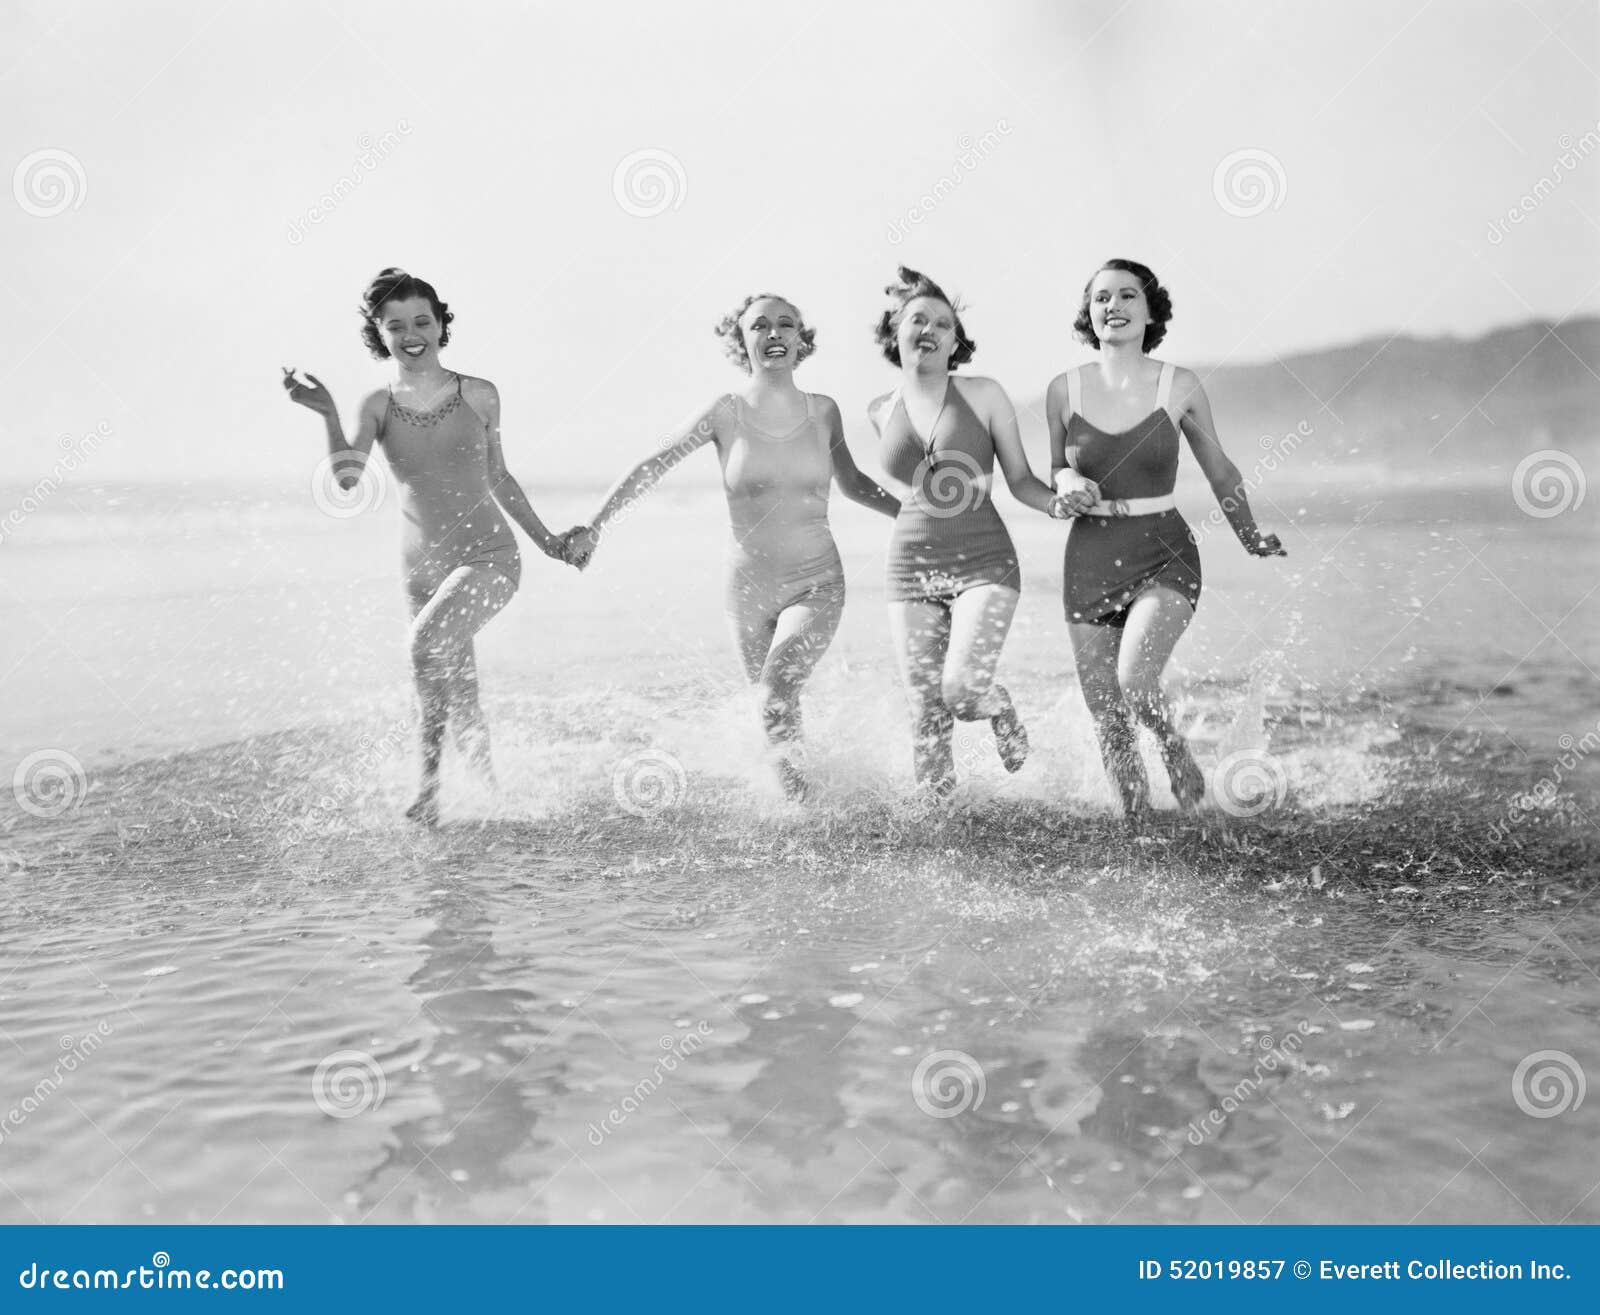 Τέσσερις γυναίκες που τρέχουν στο νερό στην παραλία (όλα τα πρόσωπα που απεικονίζονται δεν ζουν περισσότερο και κανένα κτήμα δεν